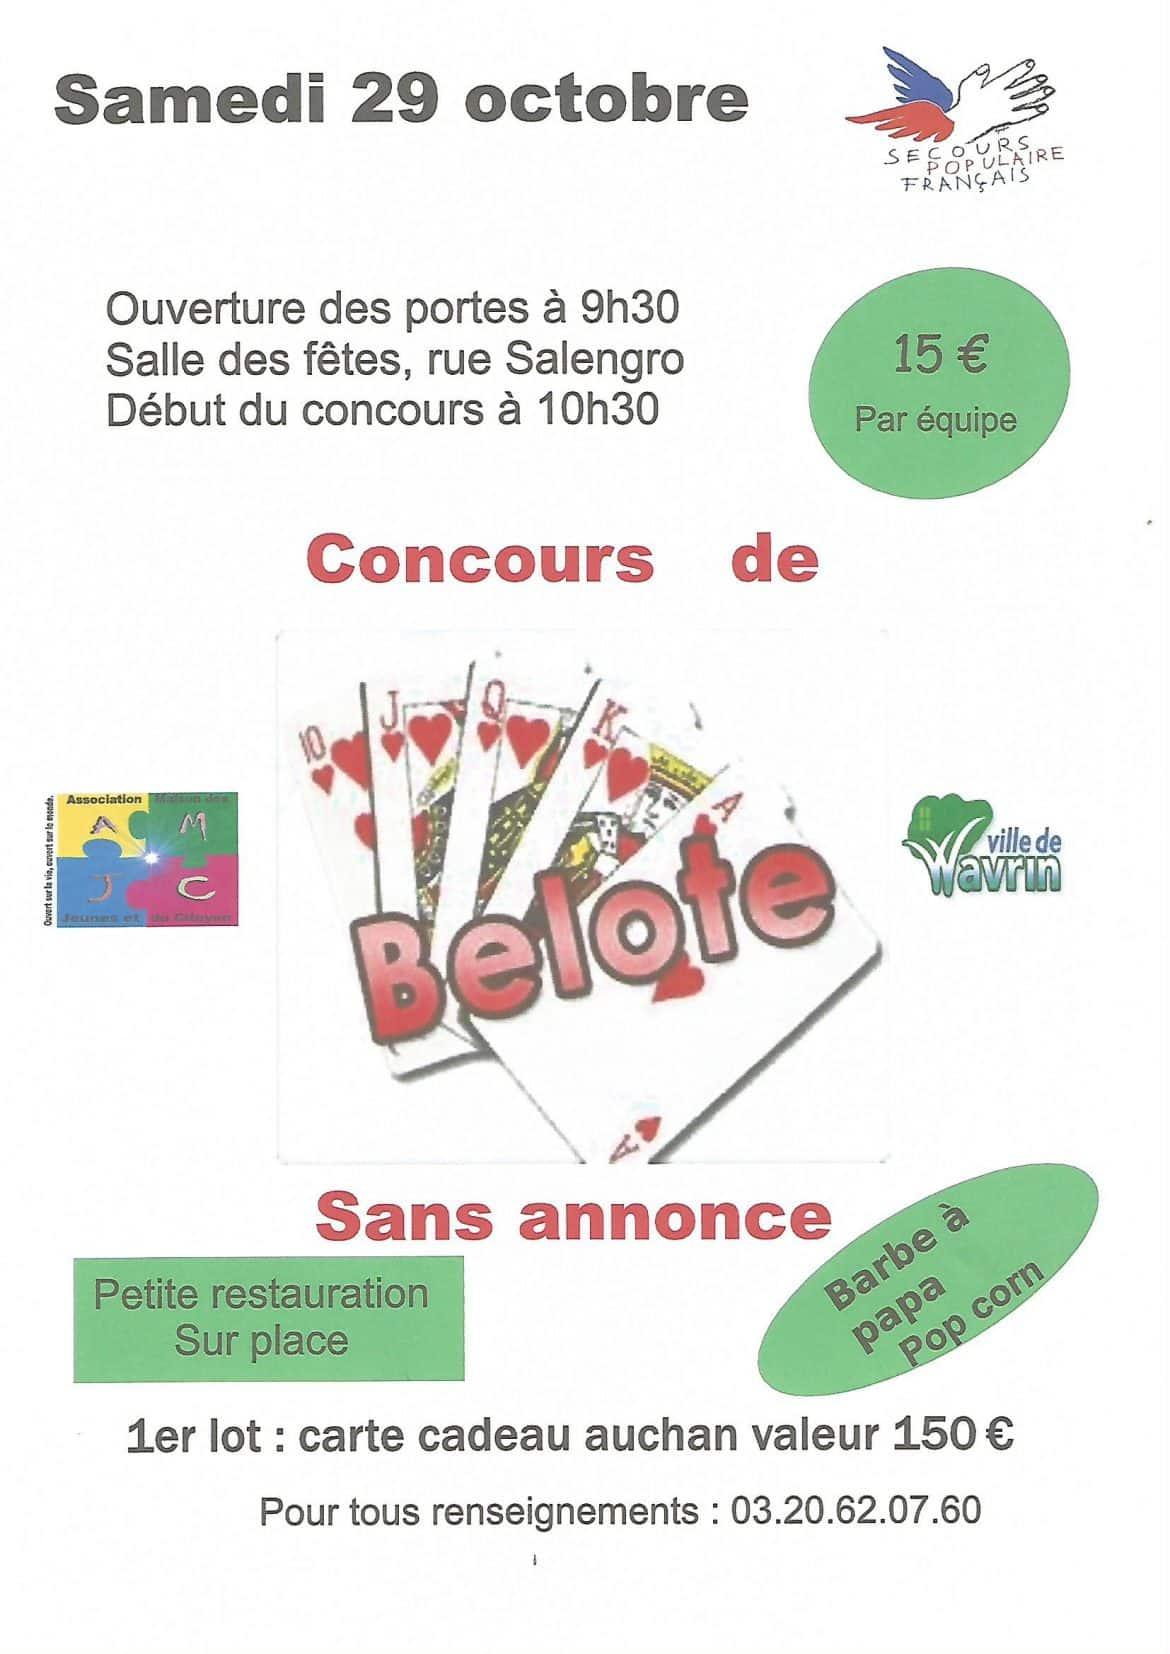 Affiche du concours de belote samedi 29 Octobre 2016 à Wavrin - 59